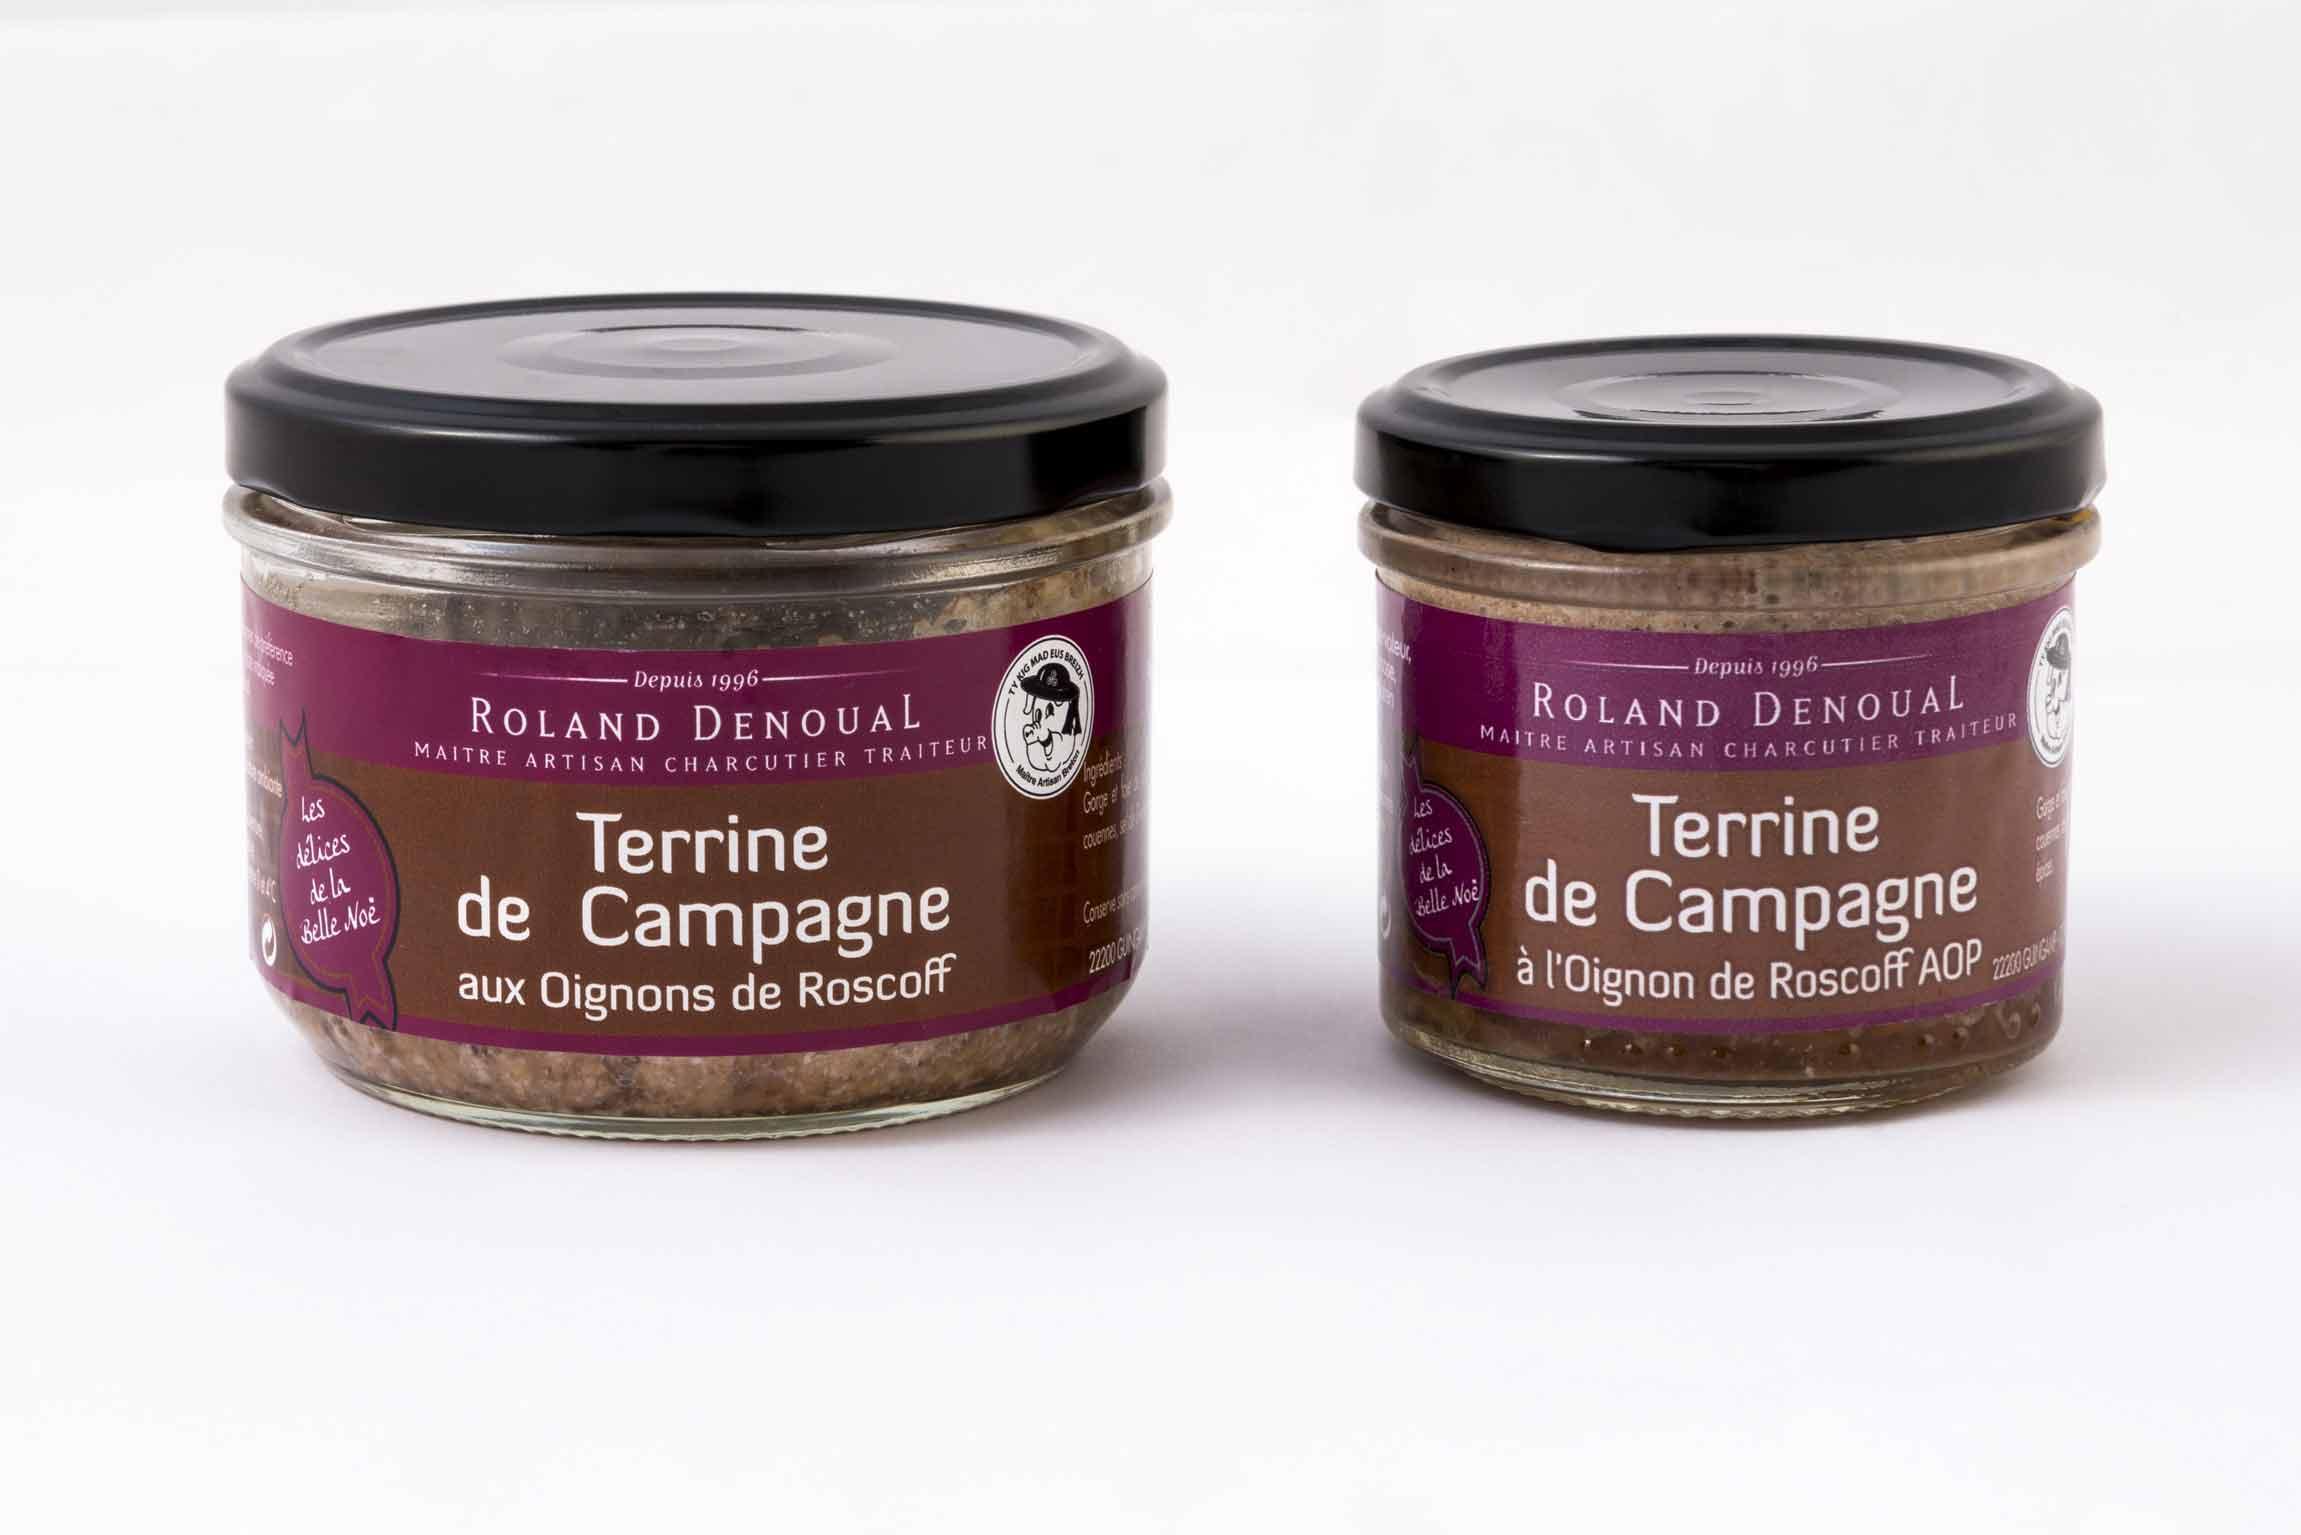 Terrine de Campagne à l'oignon de Roscoff du Maître artisan charcutier traiteur Roland Denoual